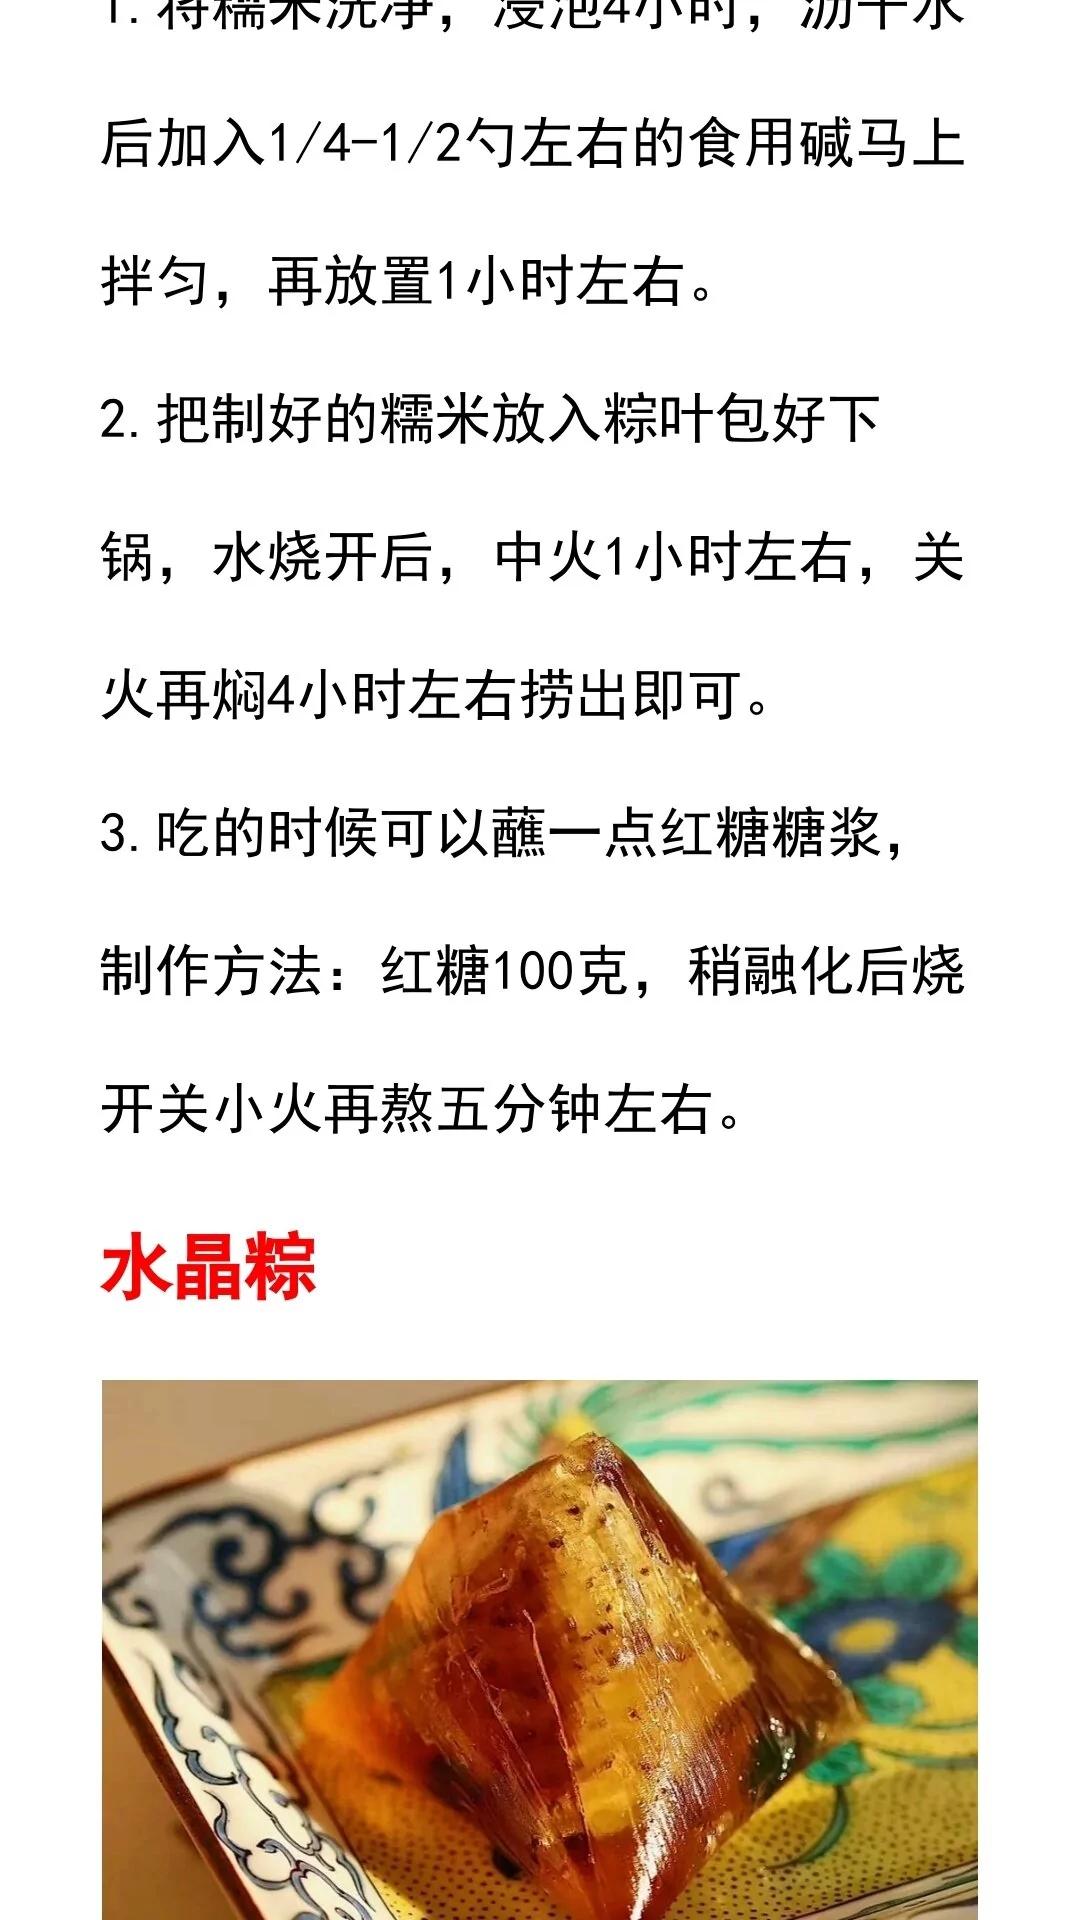 端午节粽子制作方法 美食做法 第3张